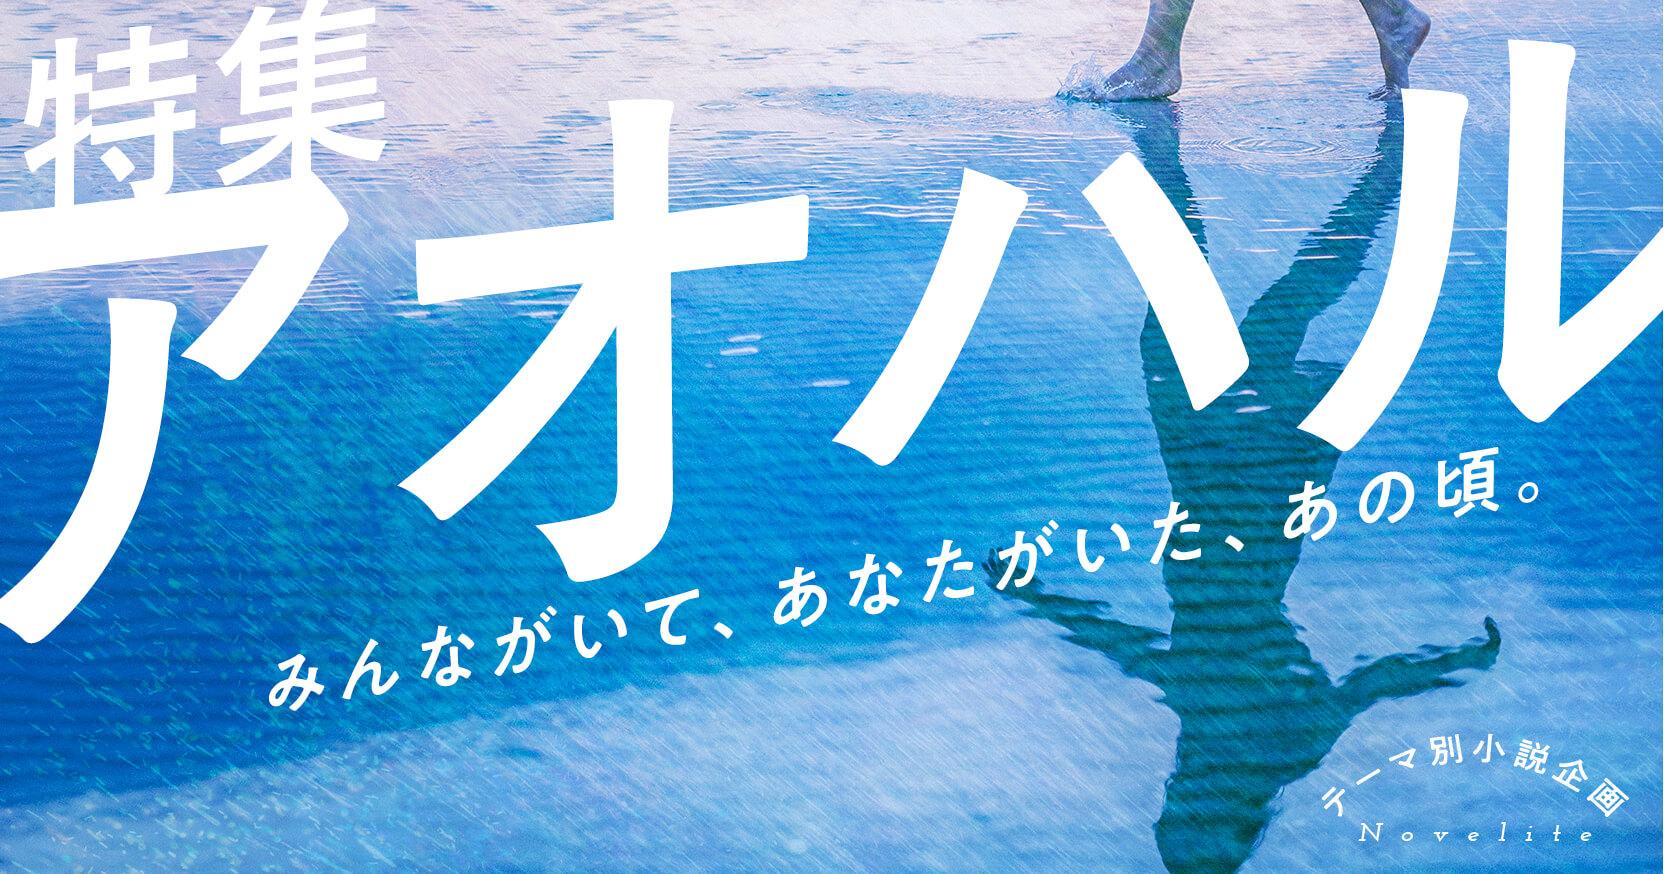 テーマ別小説企画Novelite テーマ「アオハル」